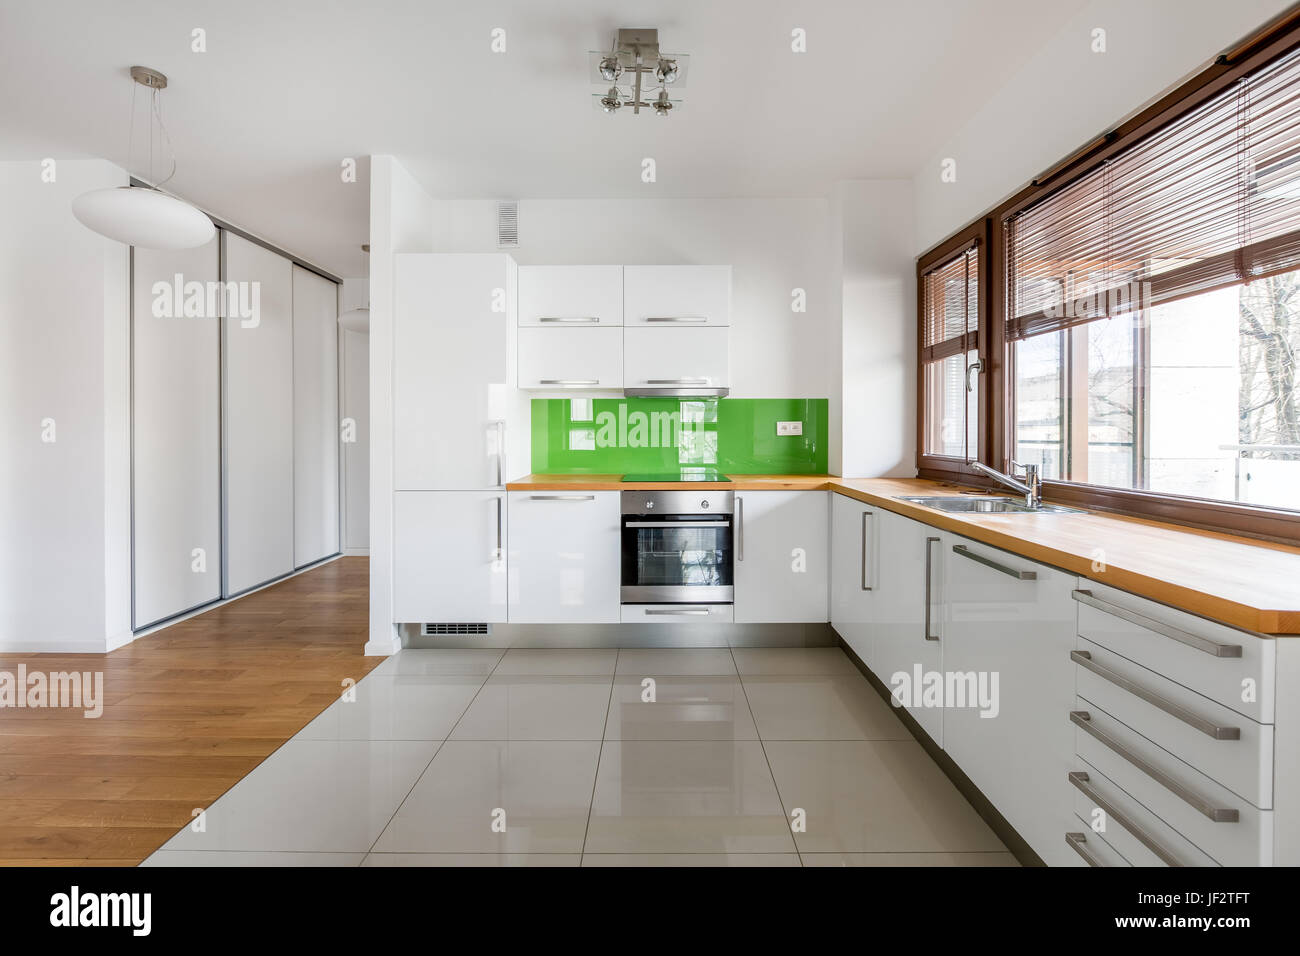 Weiße, Offene Küche Mit Fenster, Grüne Backsplash Und Hölzerne  Arbeitsplatte Stockbild